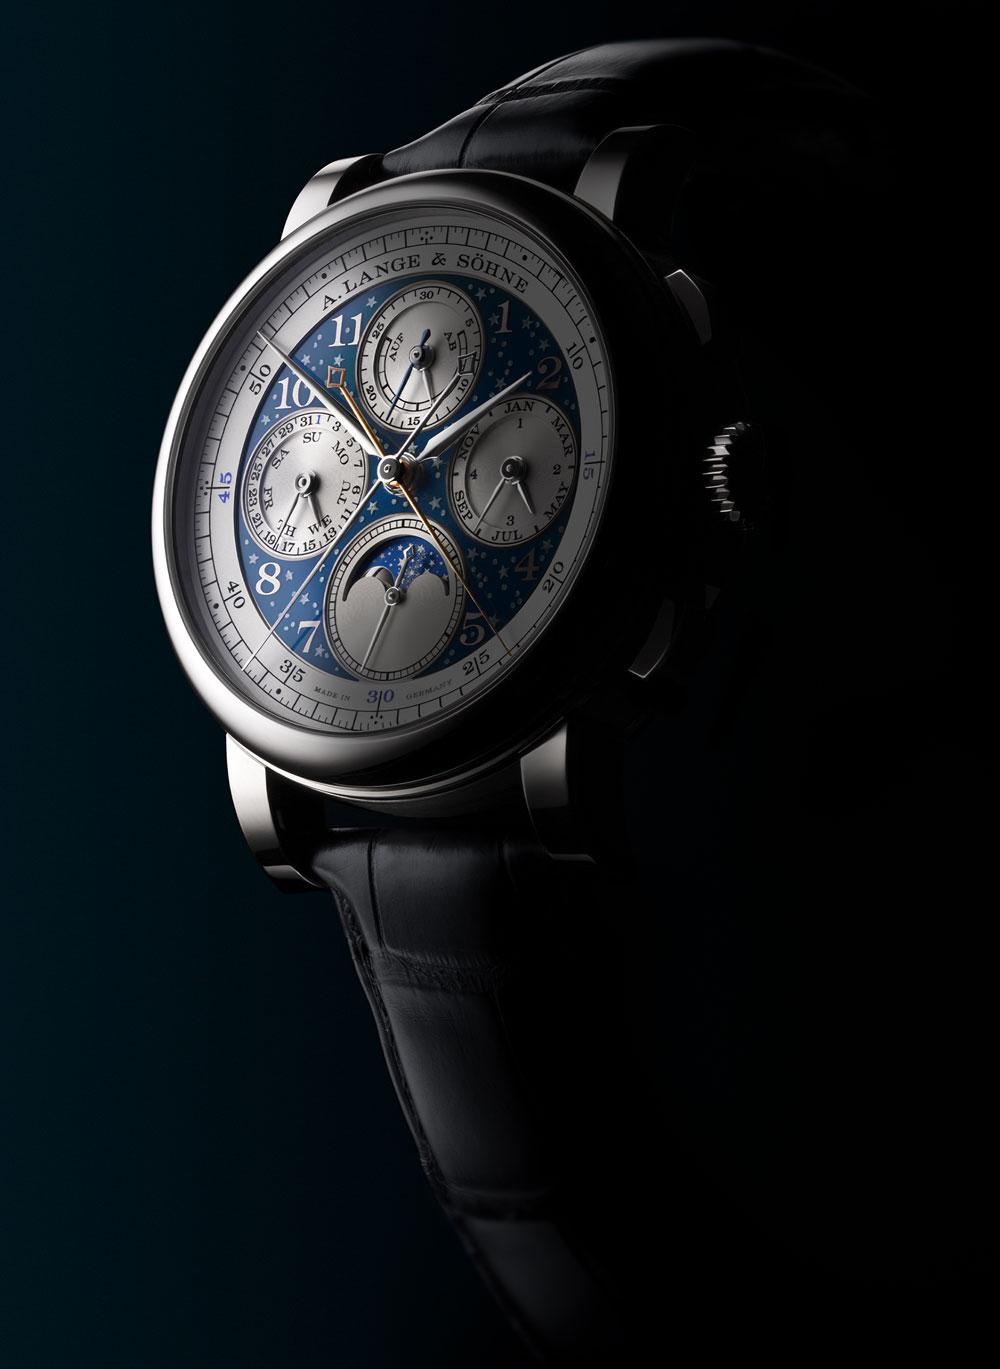 Reloj 1815 Ratrapante Calendario Perpetuo Handwerkskunst de A. Lange & Söhne